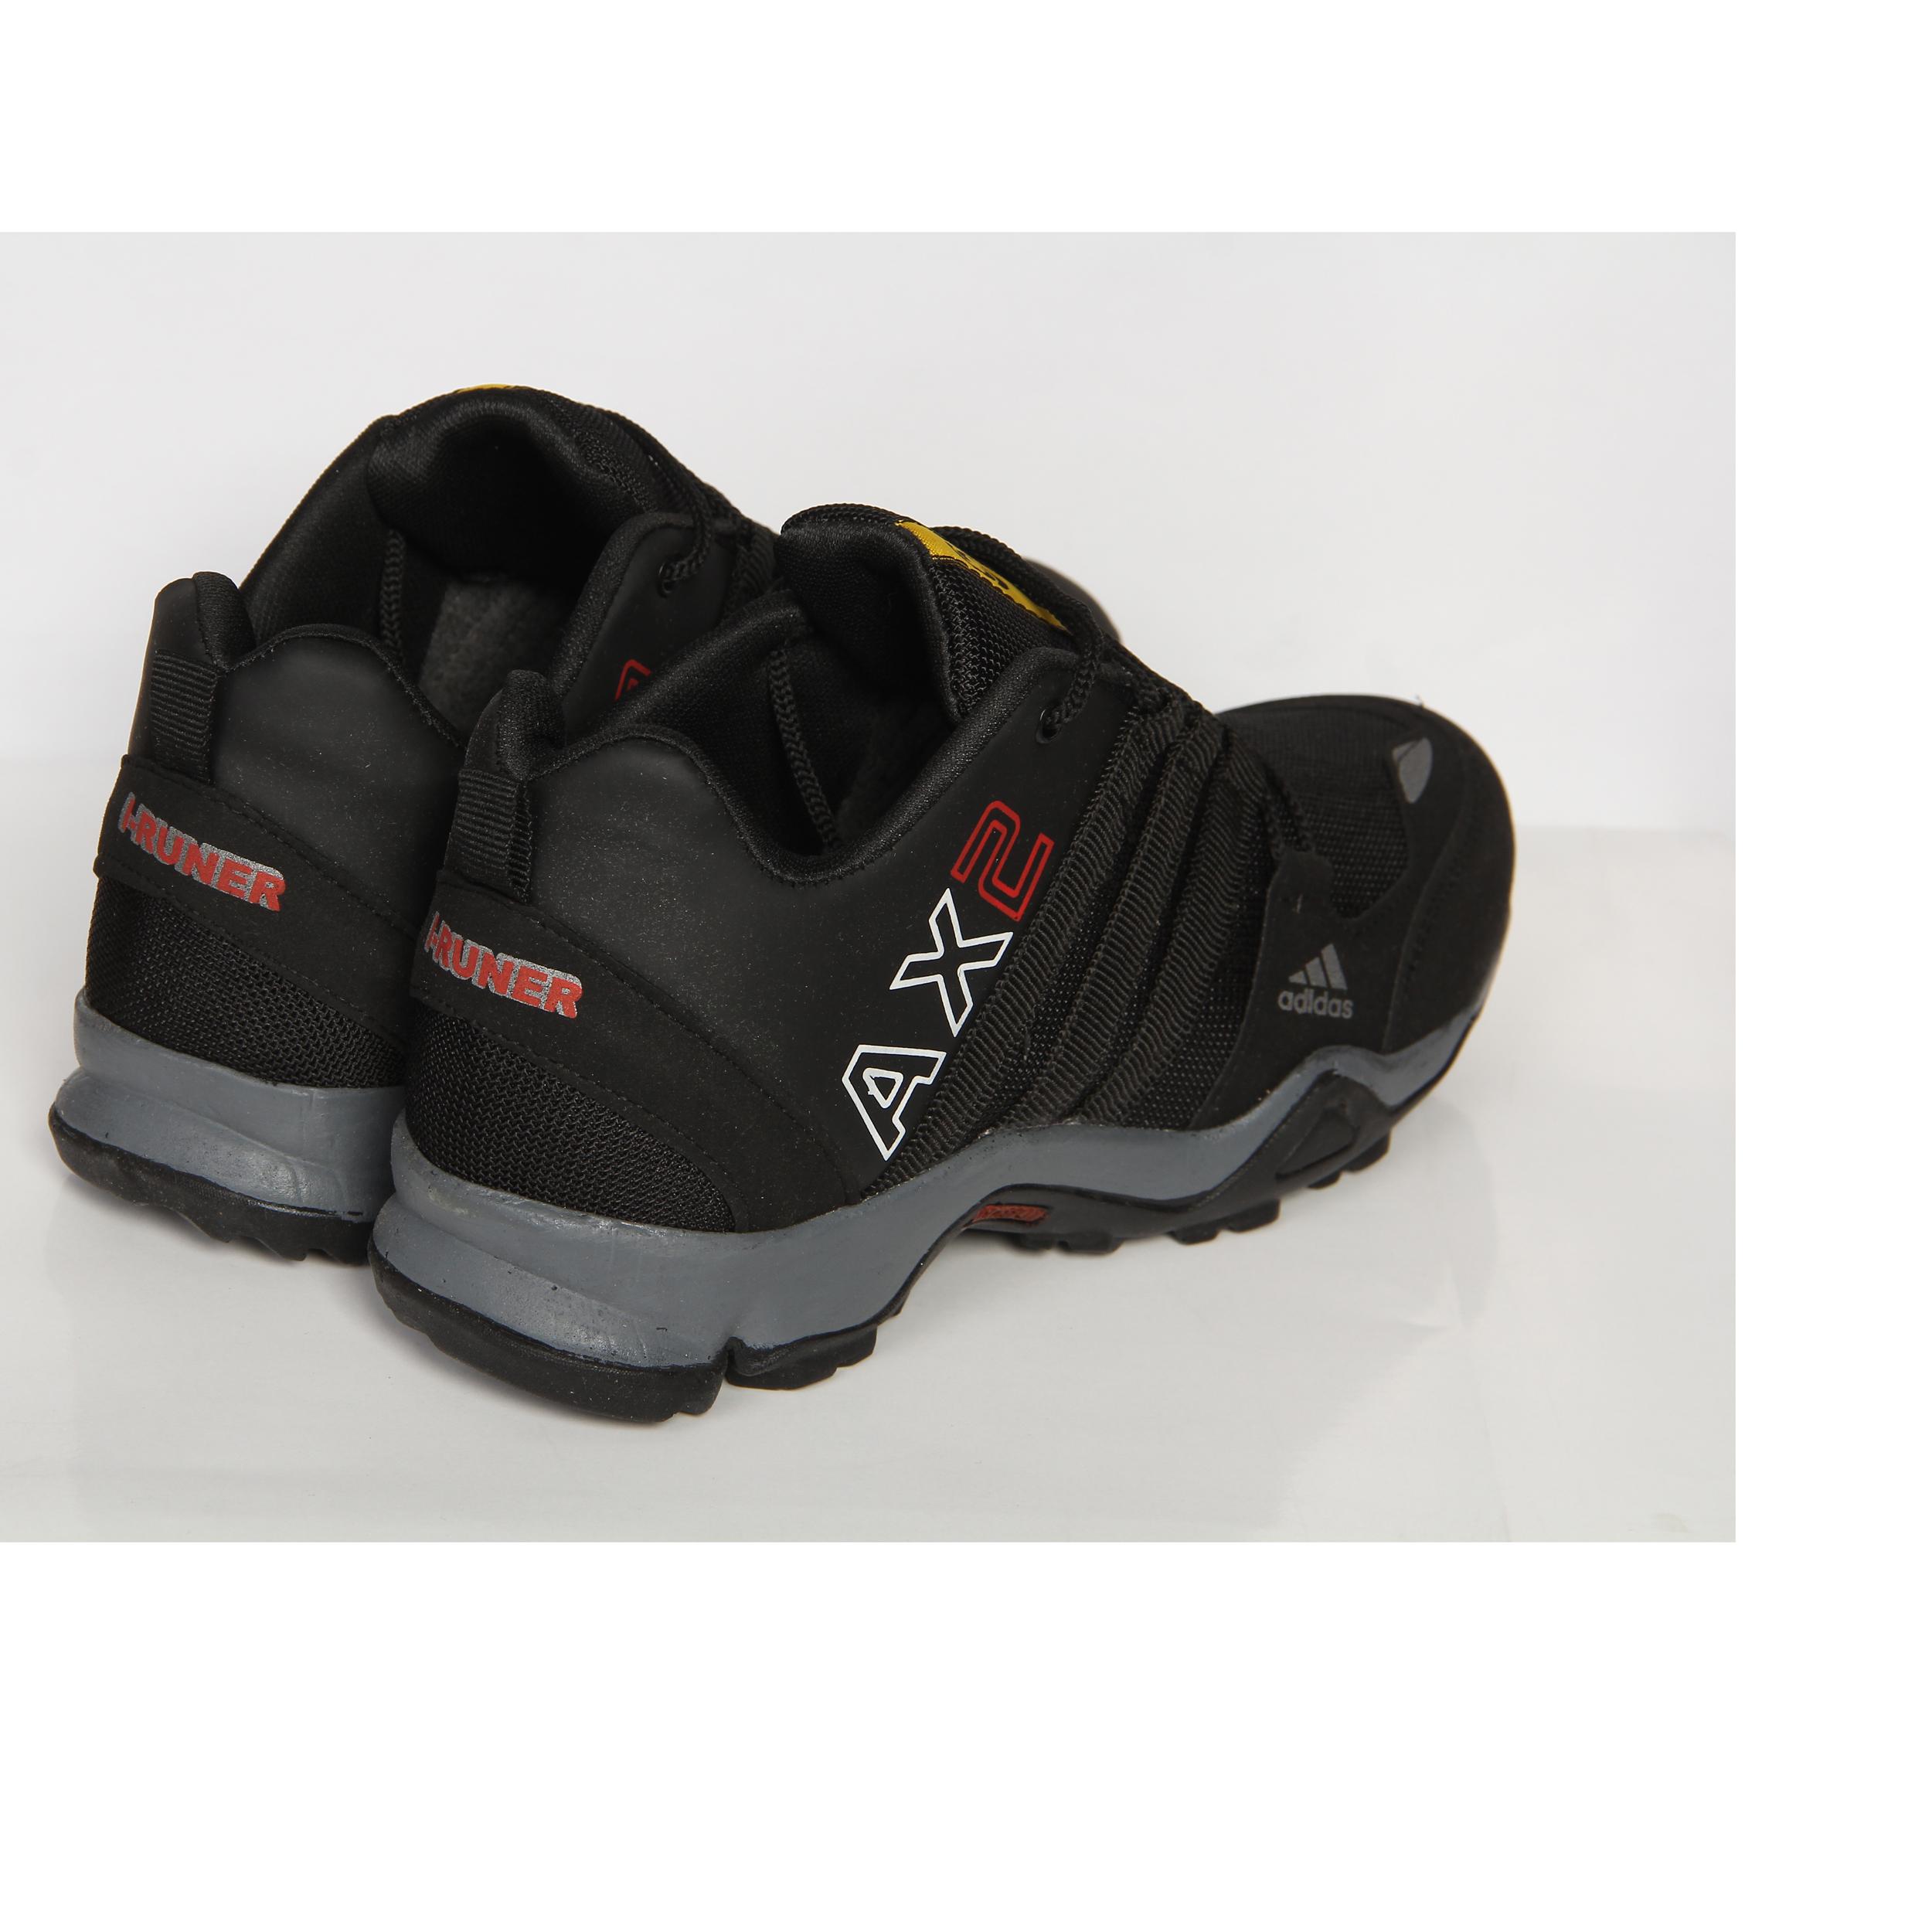 کفش کوهنوردی کد AX2-B                     غیر اصل